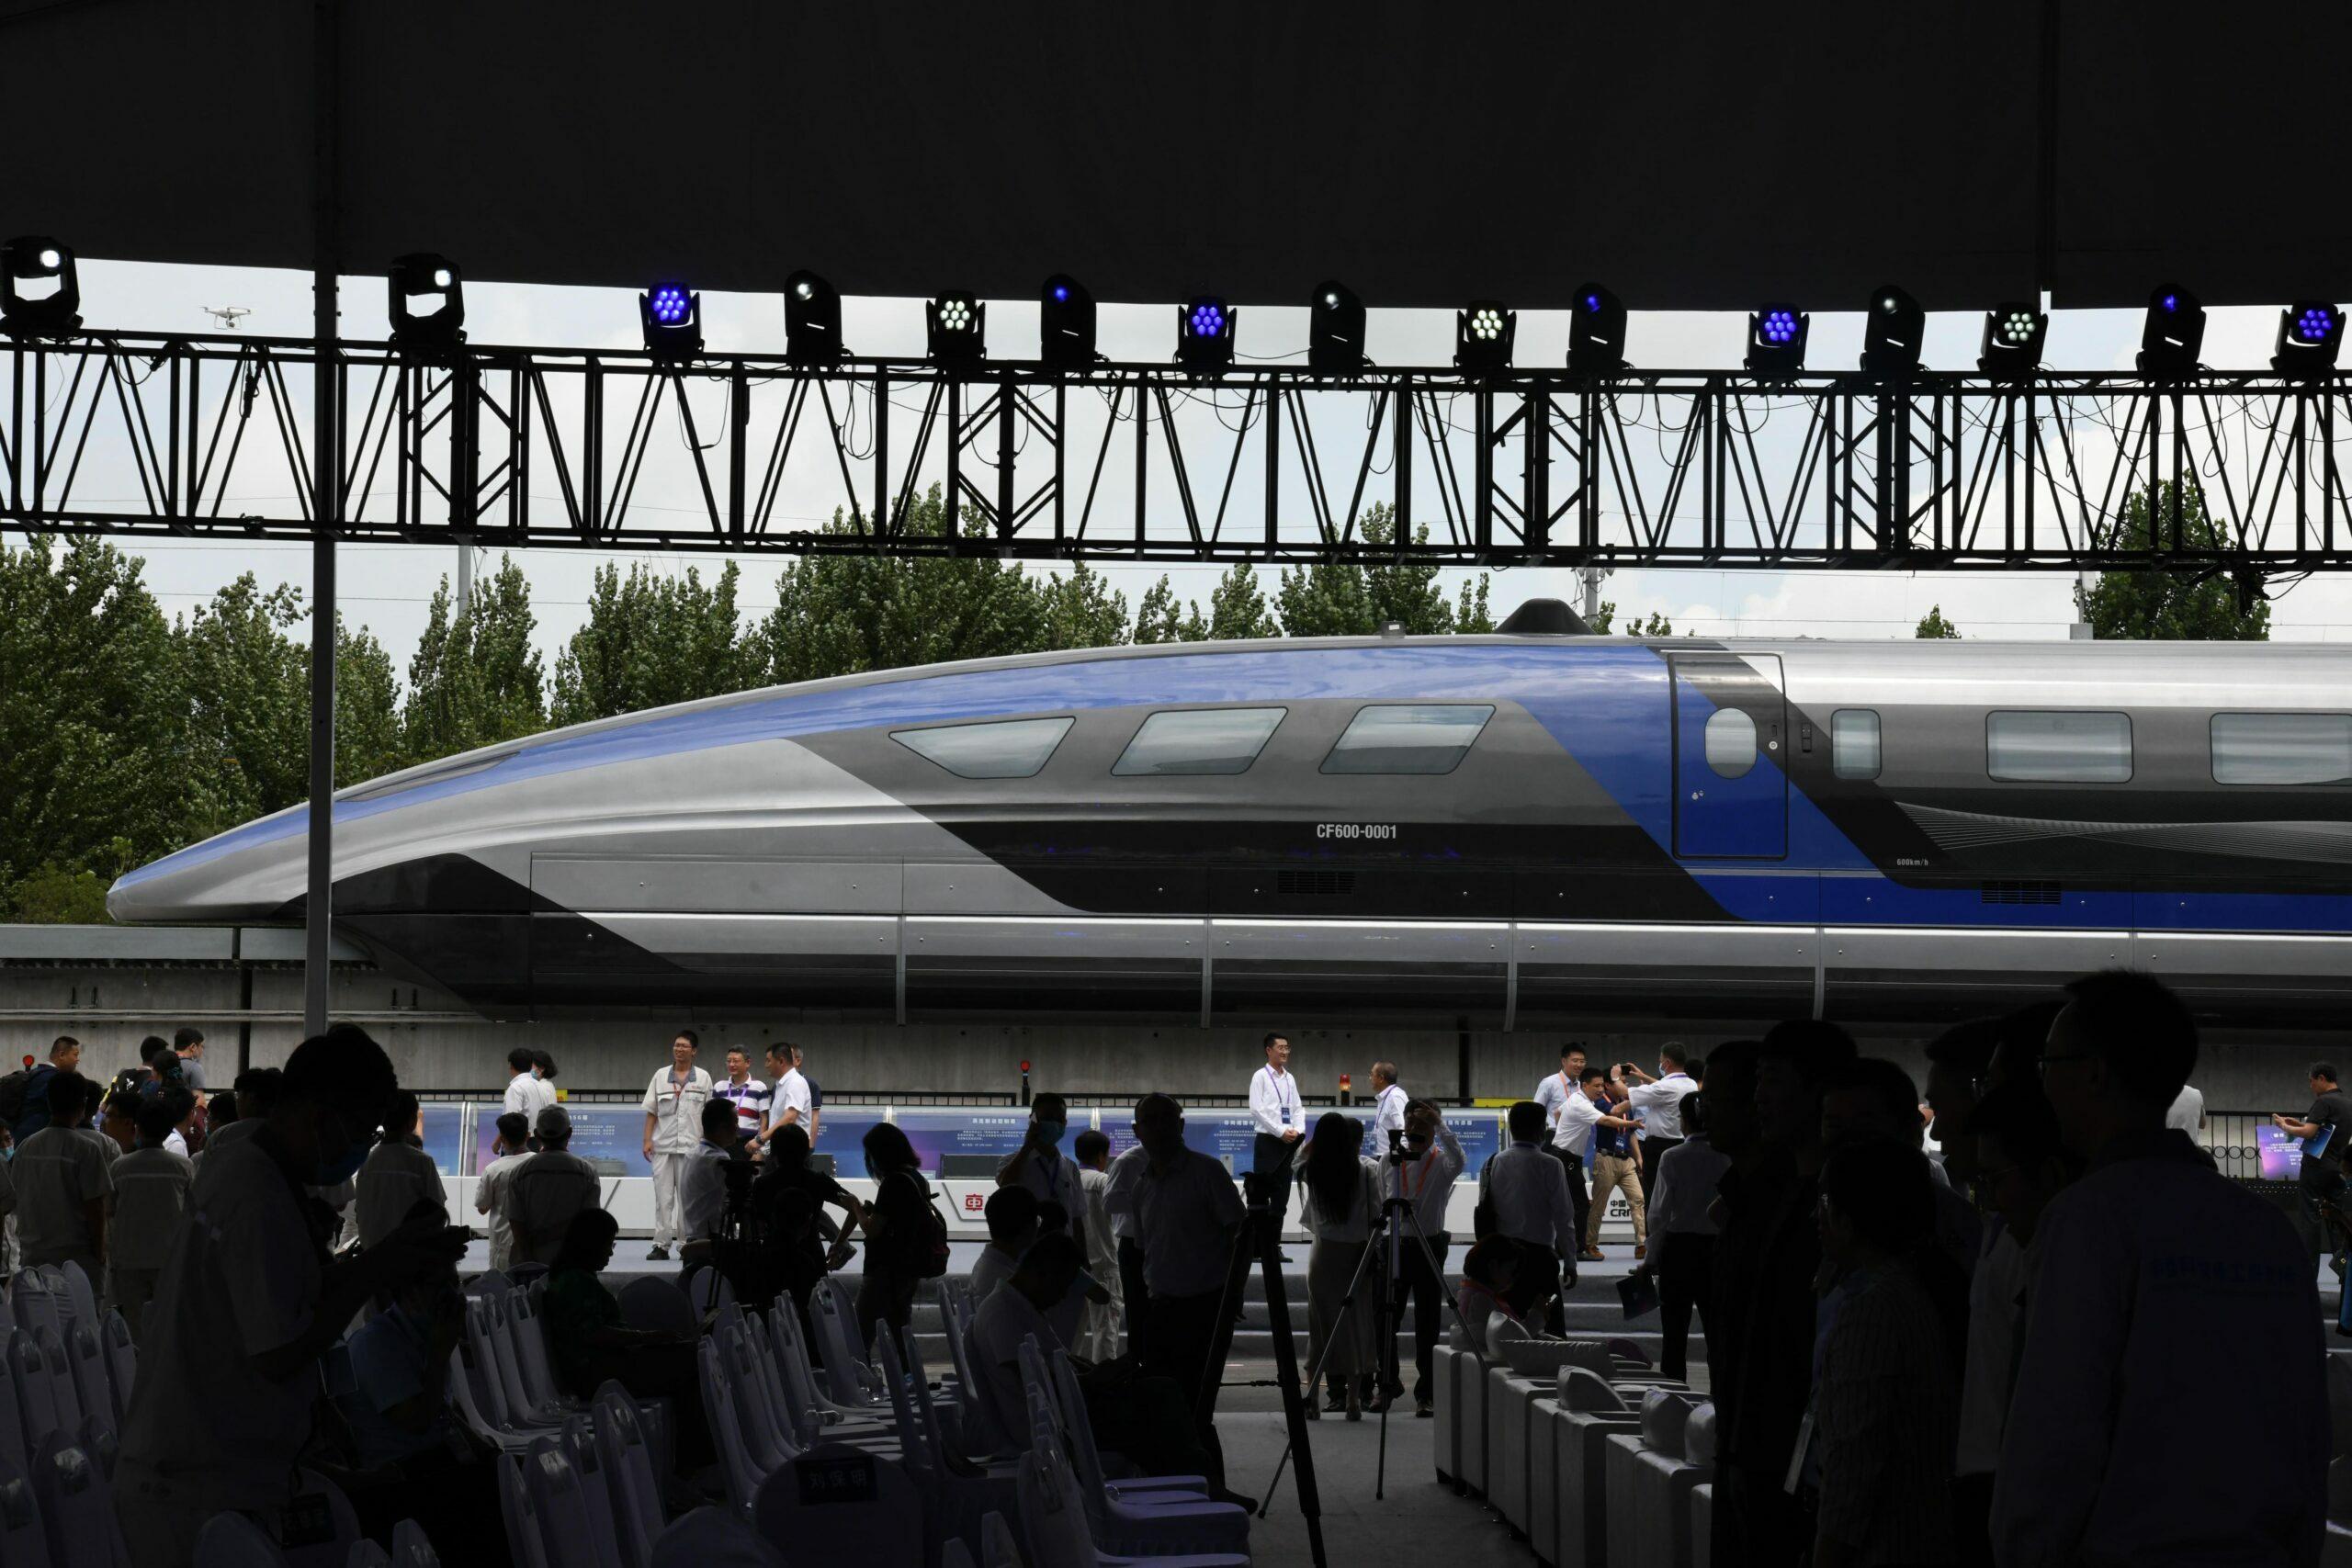 เปิดตัวรถไฟแม็กเลฟ เร็วสุดในโลก 600 ก.ม.ต่อช.ม. จีนผงาดอีกแล้ว